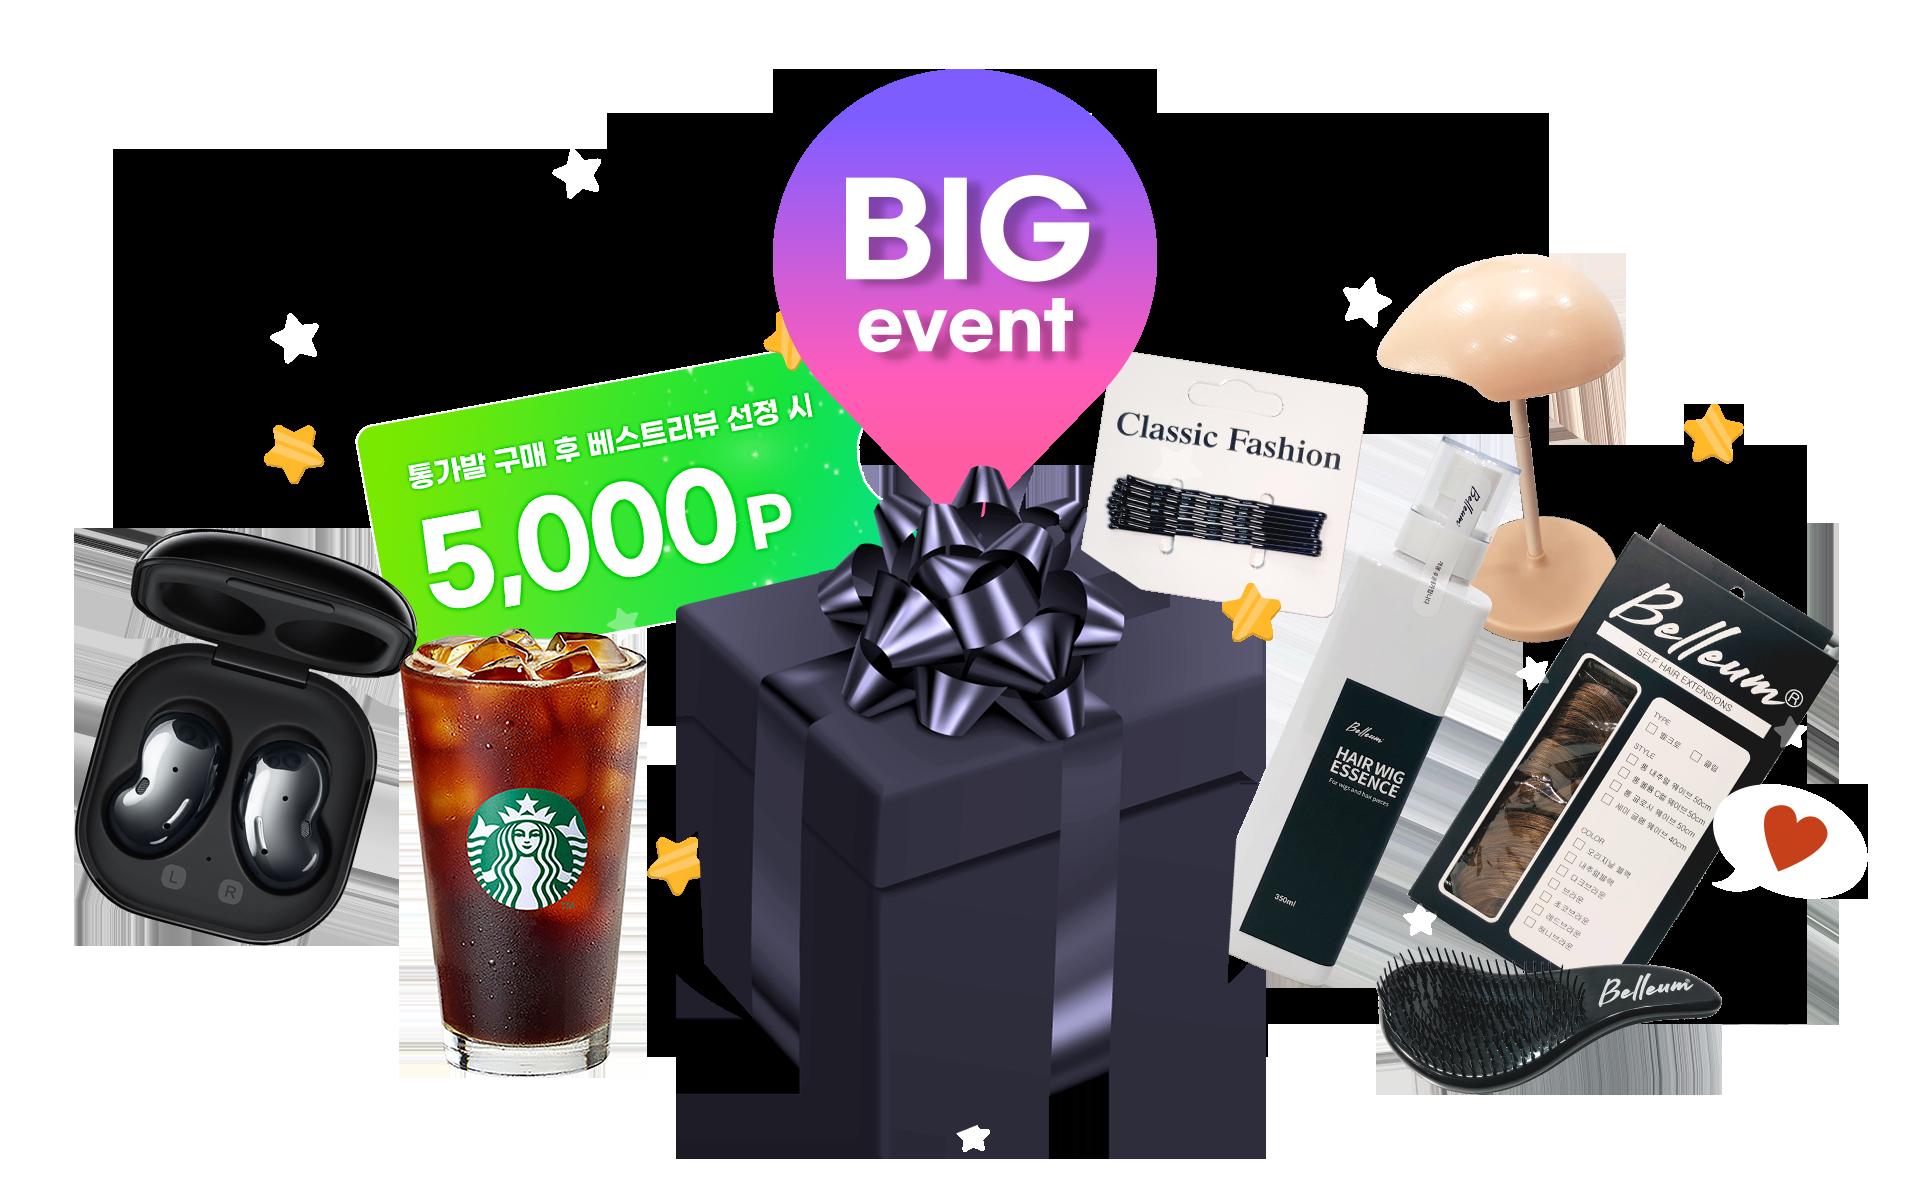 최대 30% 할인 + 포토리뷰 작성 시 5,000포인트 지급 + 추첨이벤트 진행중!